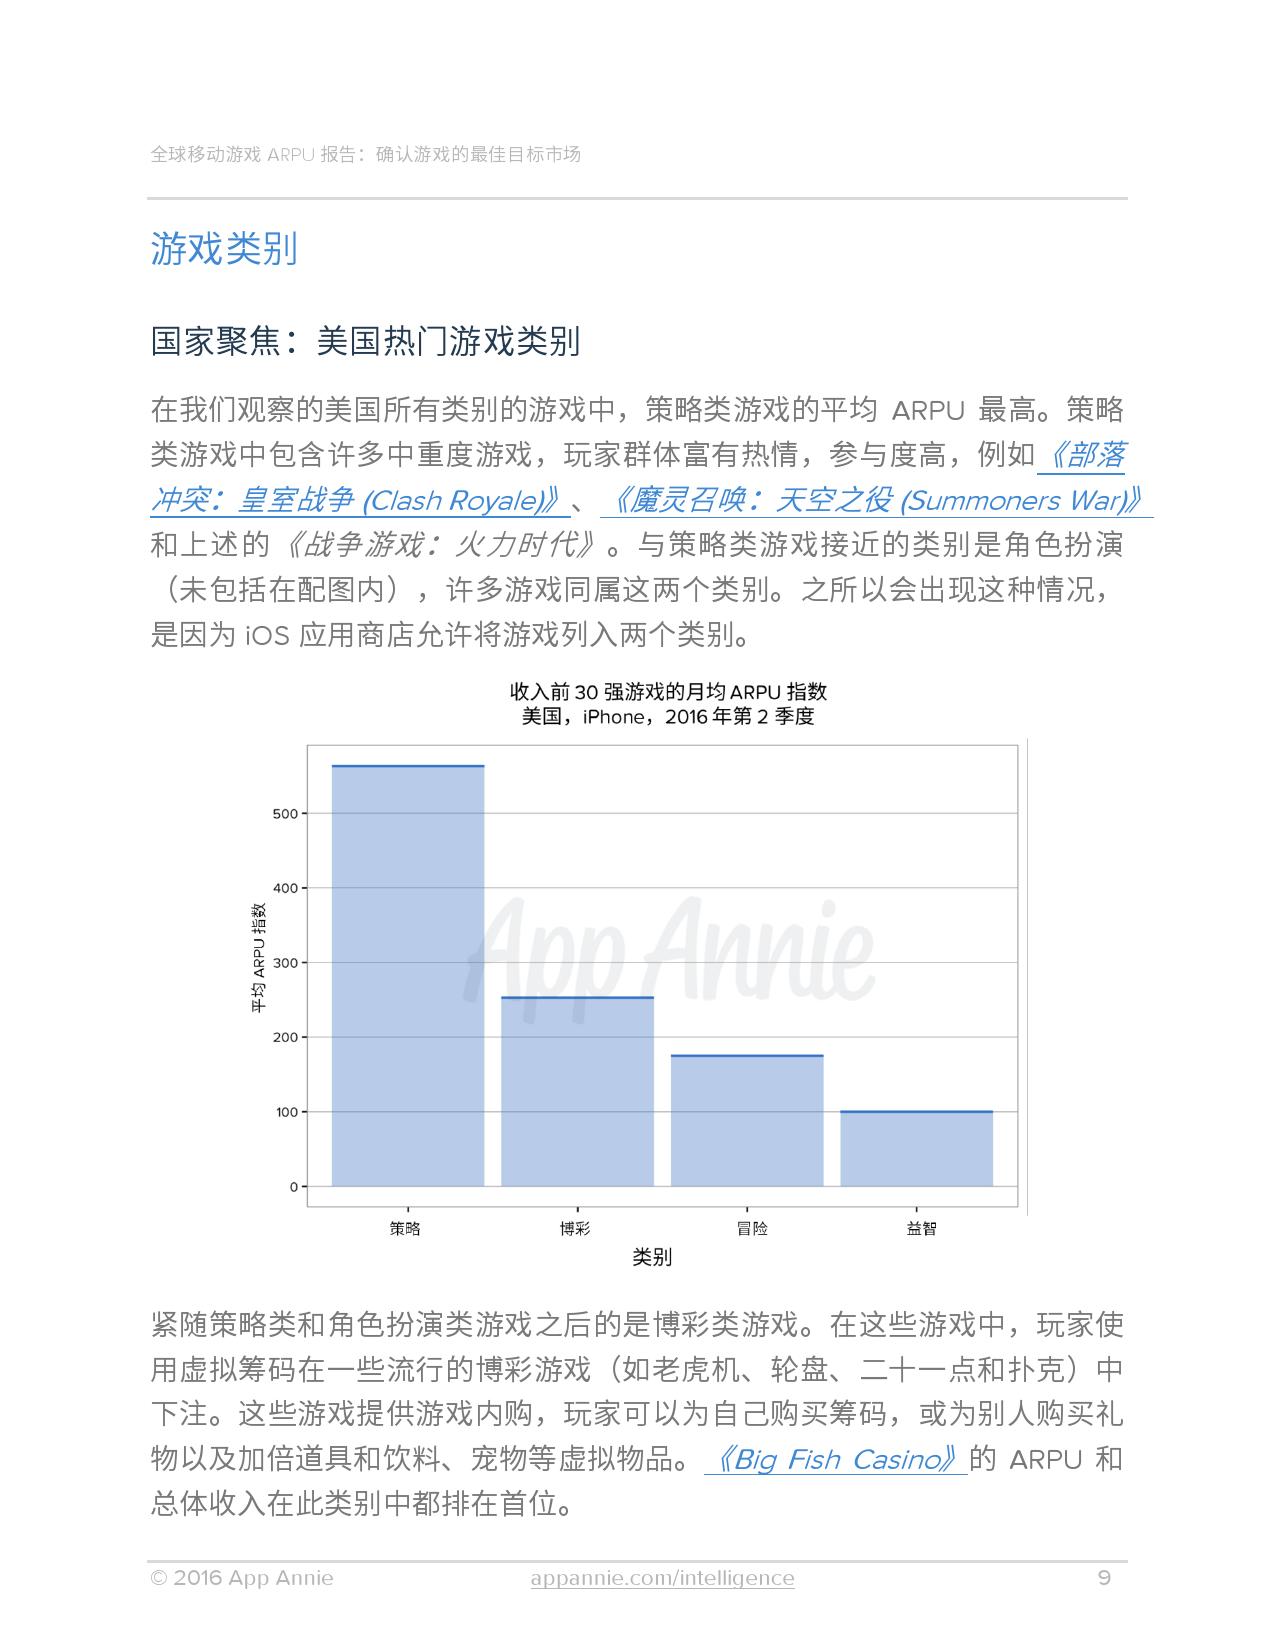 2016全球移动游戏 ARPU报告_000009